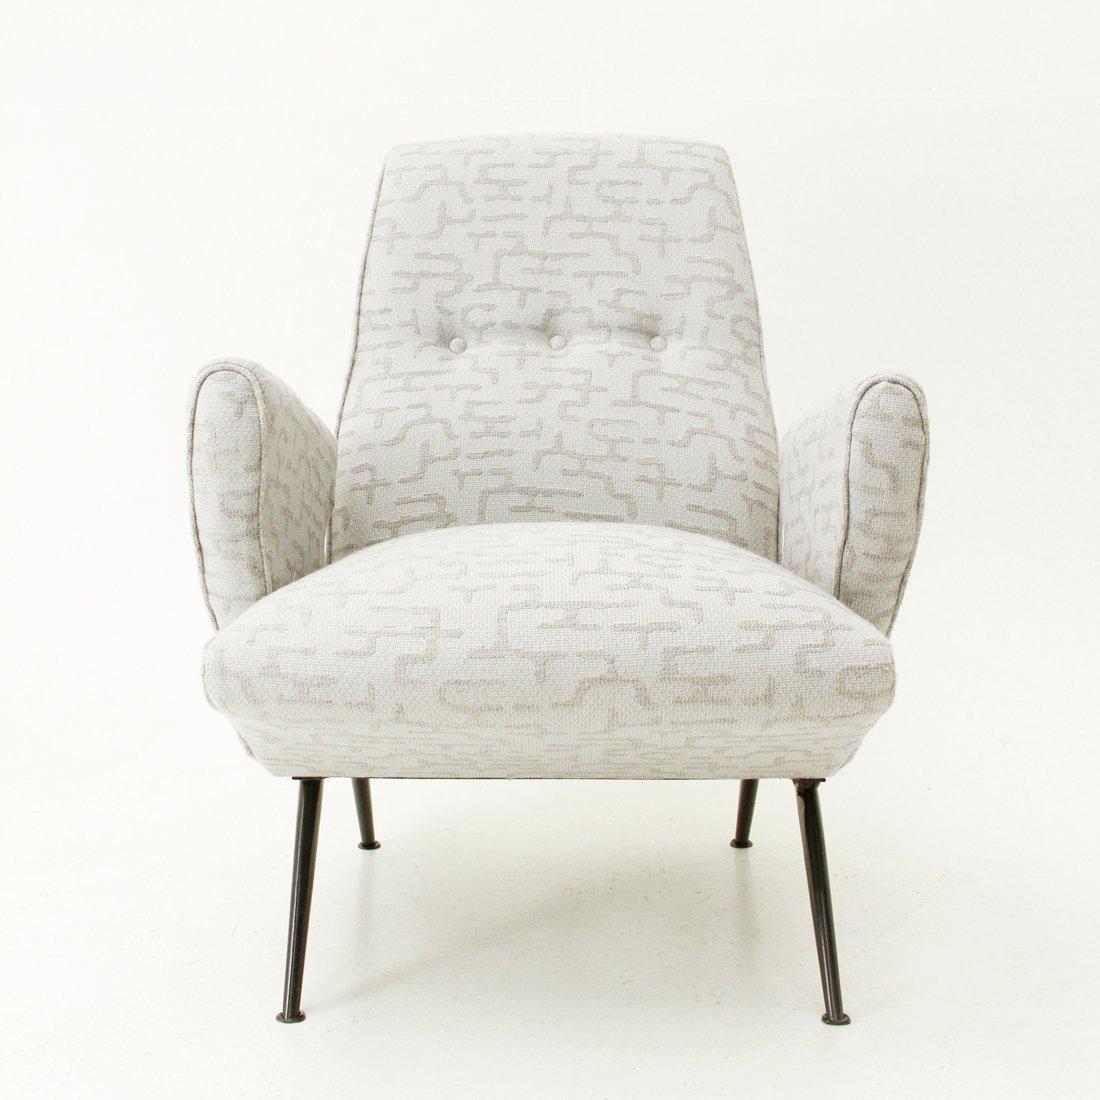 italienische mid century sessel von nino zoncada f r framar 1950er 2er set bei pamono kaufen. Black Bedroom Furniture Sets. Home Design Ideas